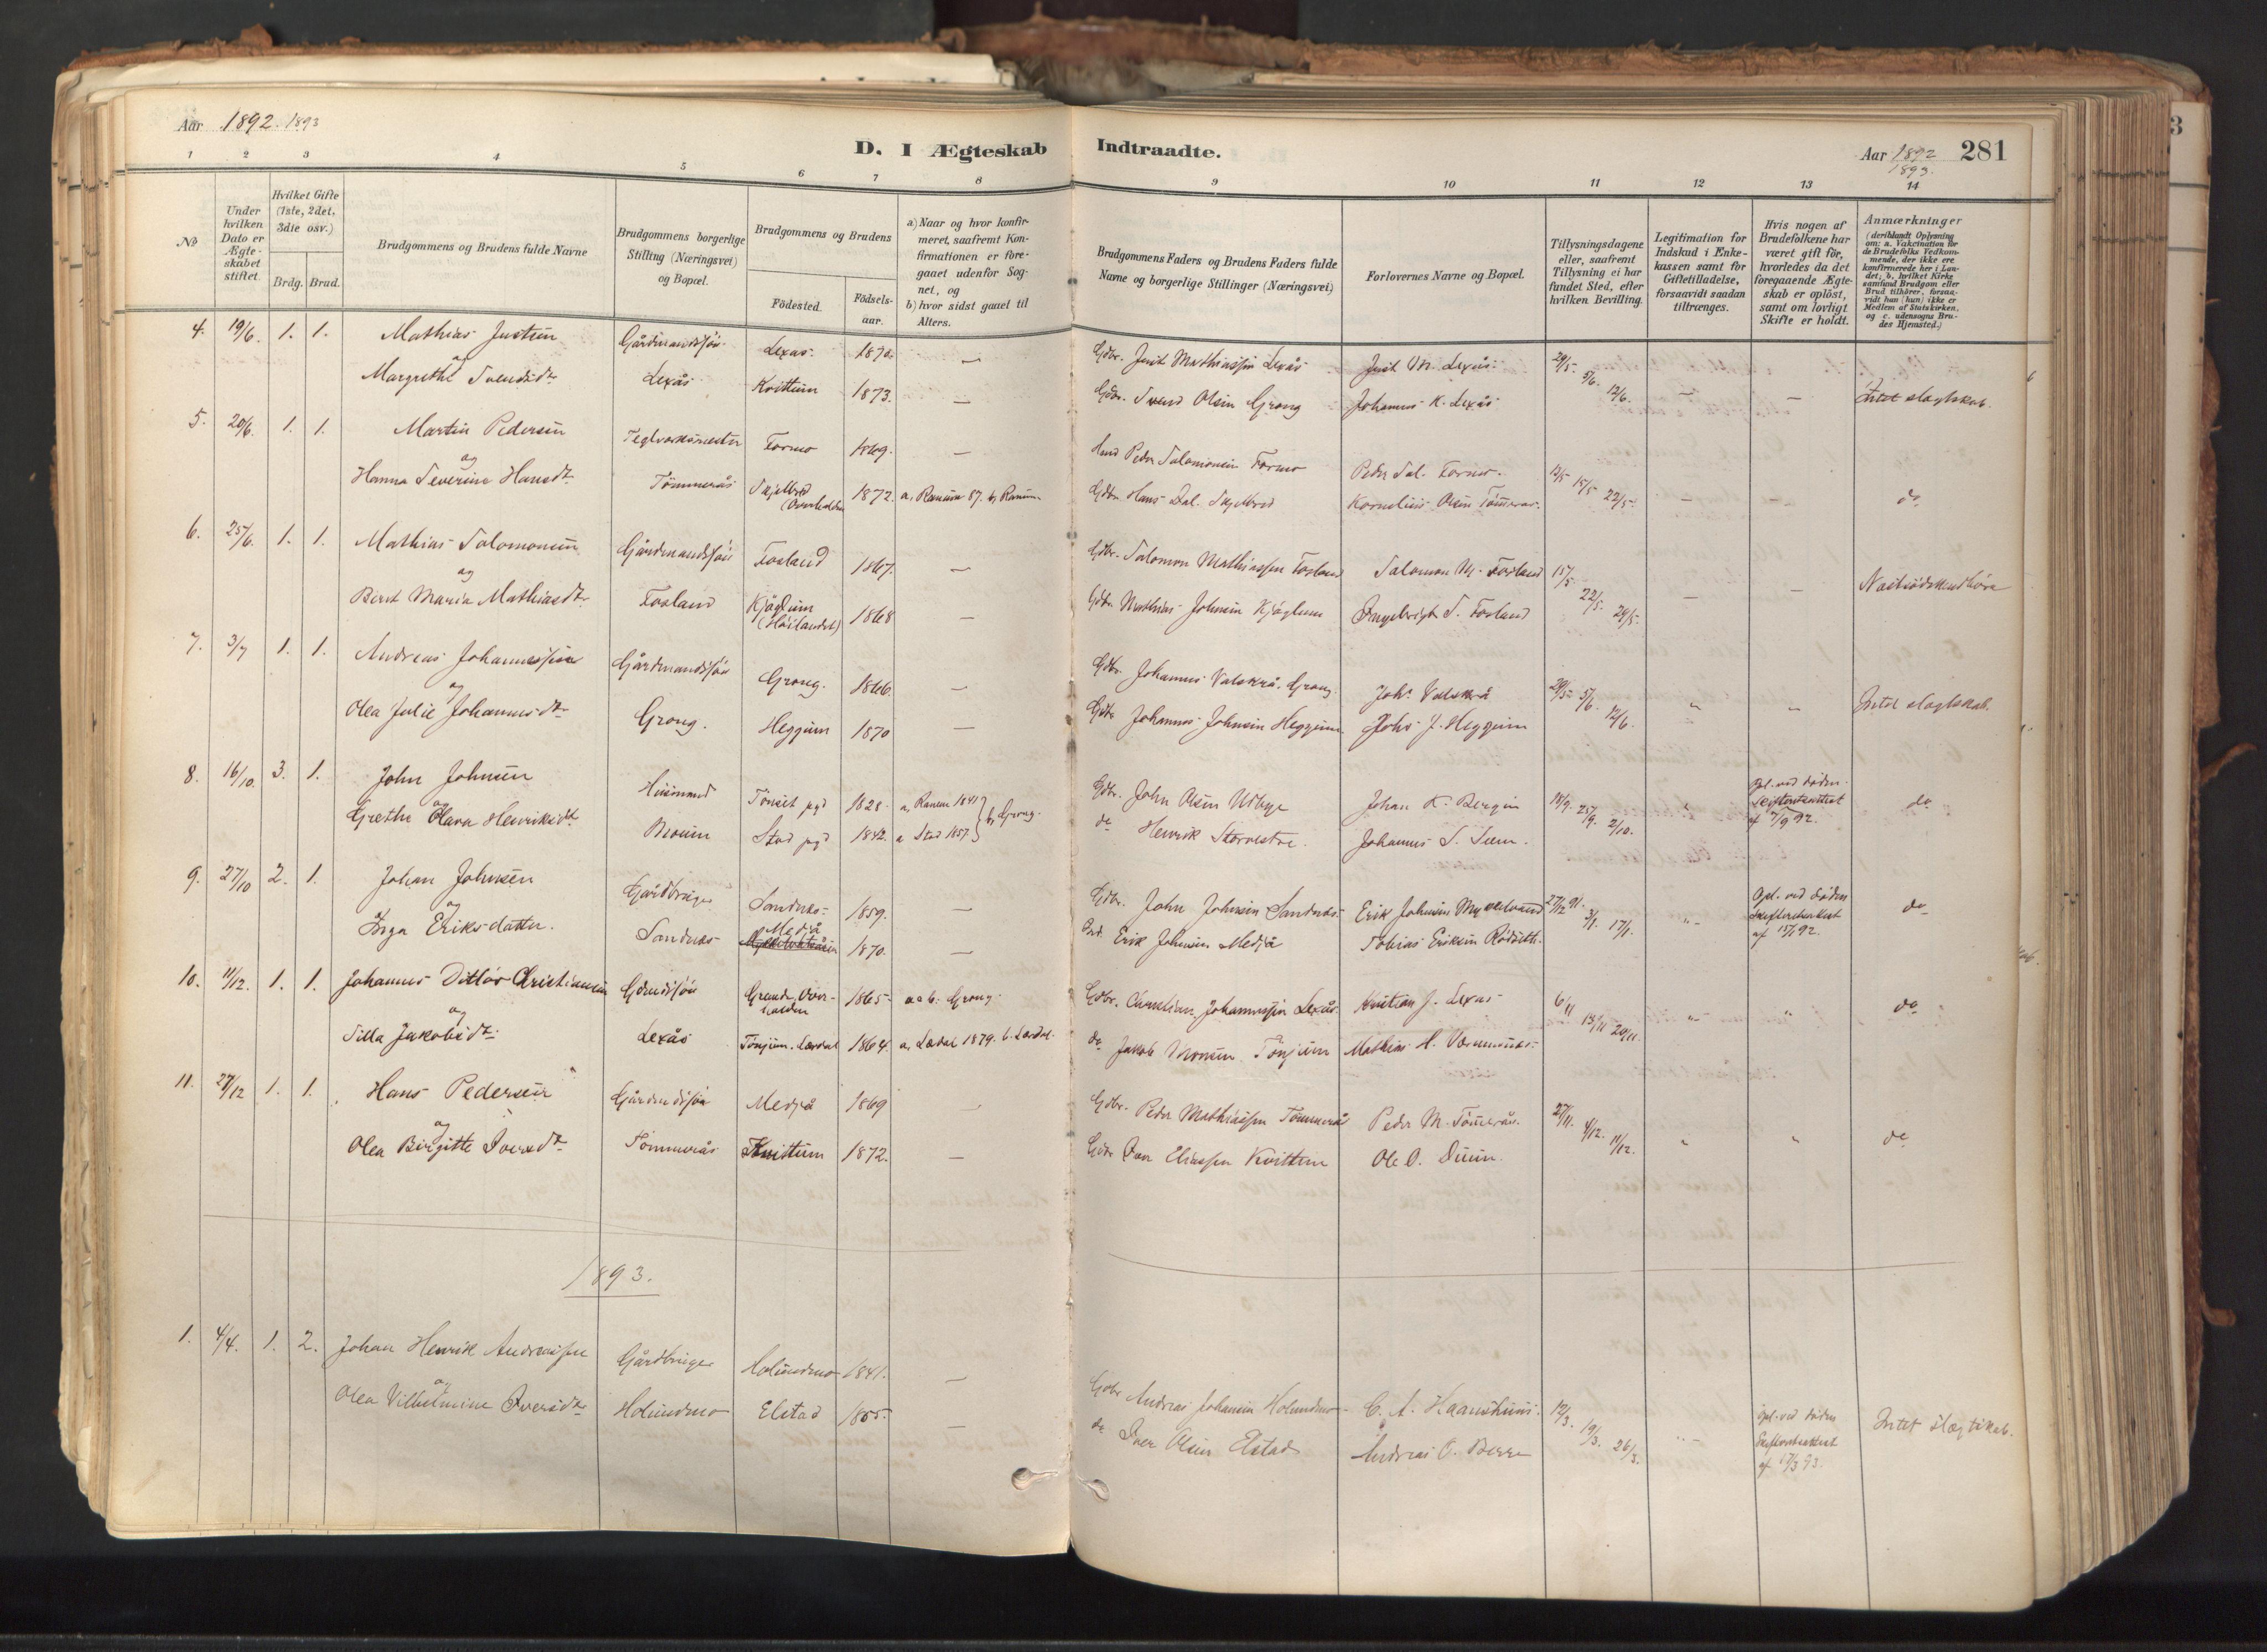 SAT, Ministerialprotokoller, klokkerbøker og fødselsregistre - Nord-Trøndelag, 758/L0519: Ministerialbok nr. 758A04, 1880-1926, s. 281